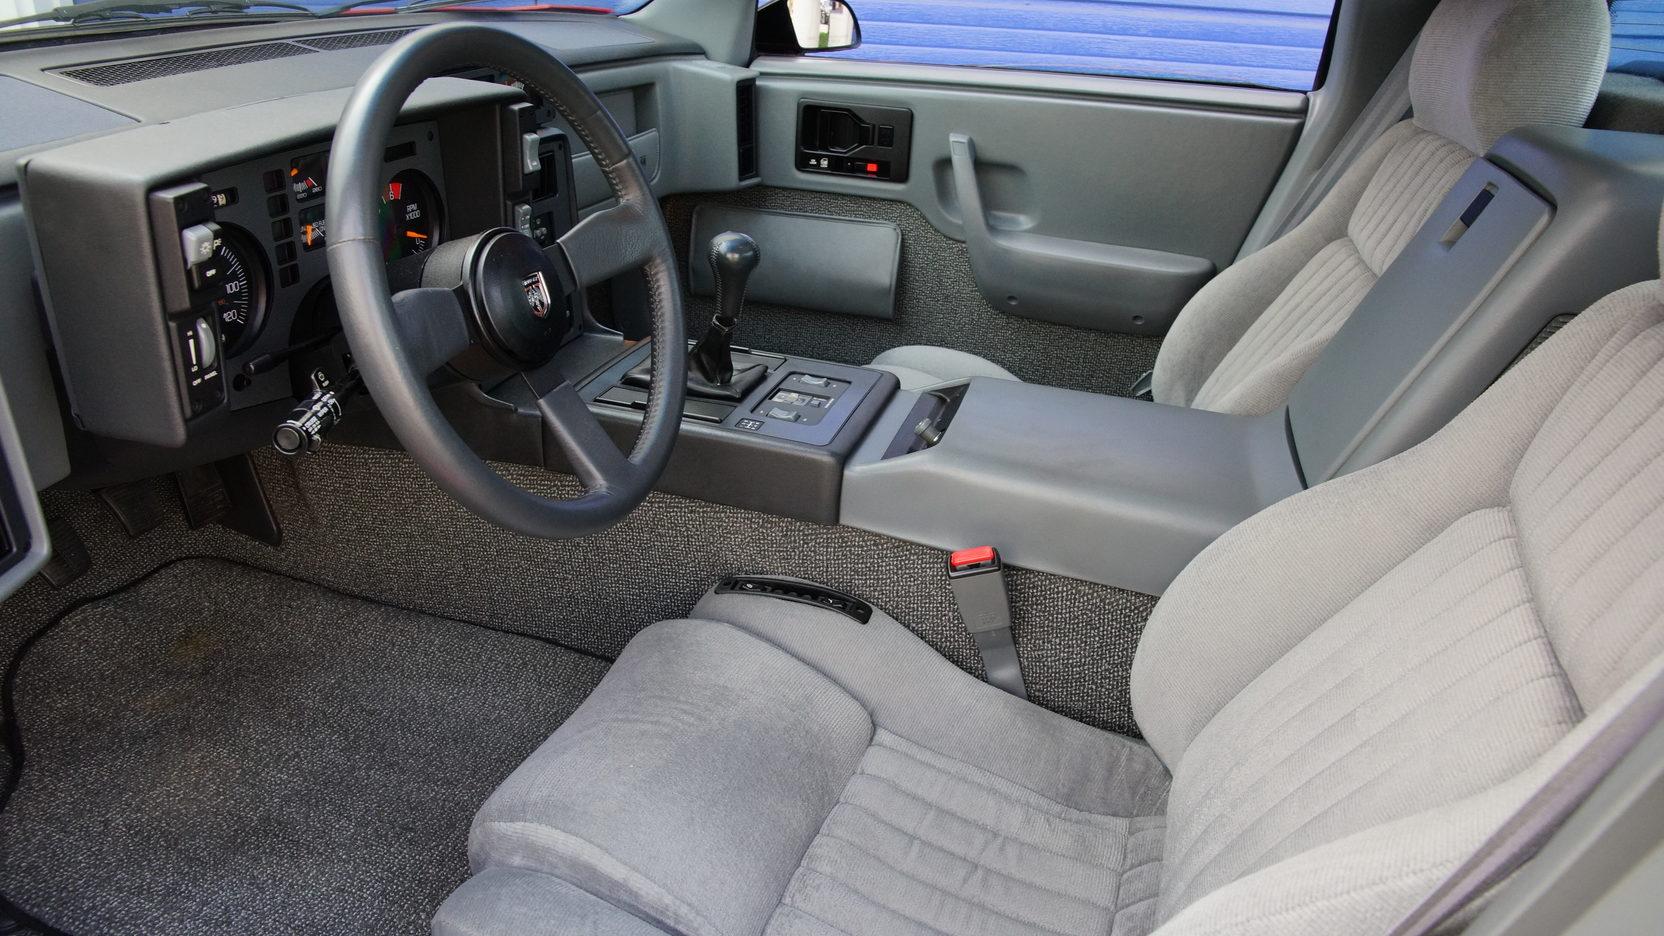 1986 Pontiac Fiero GT interior